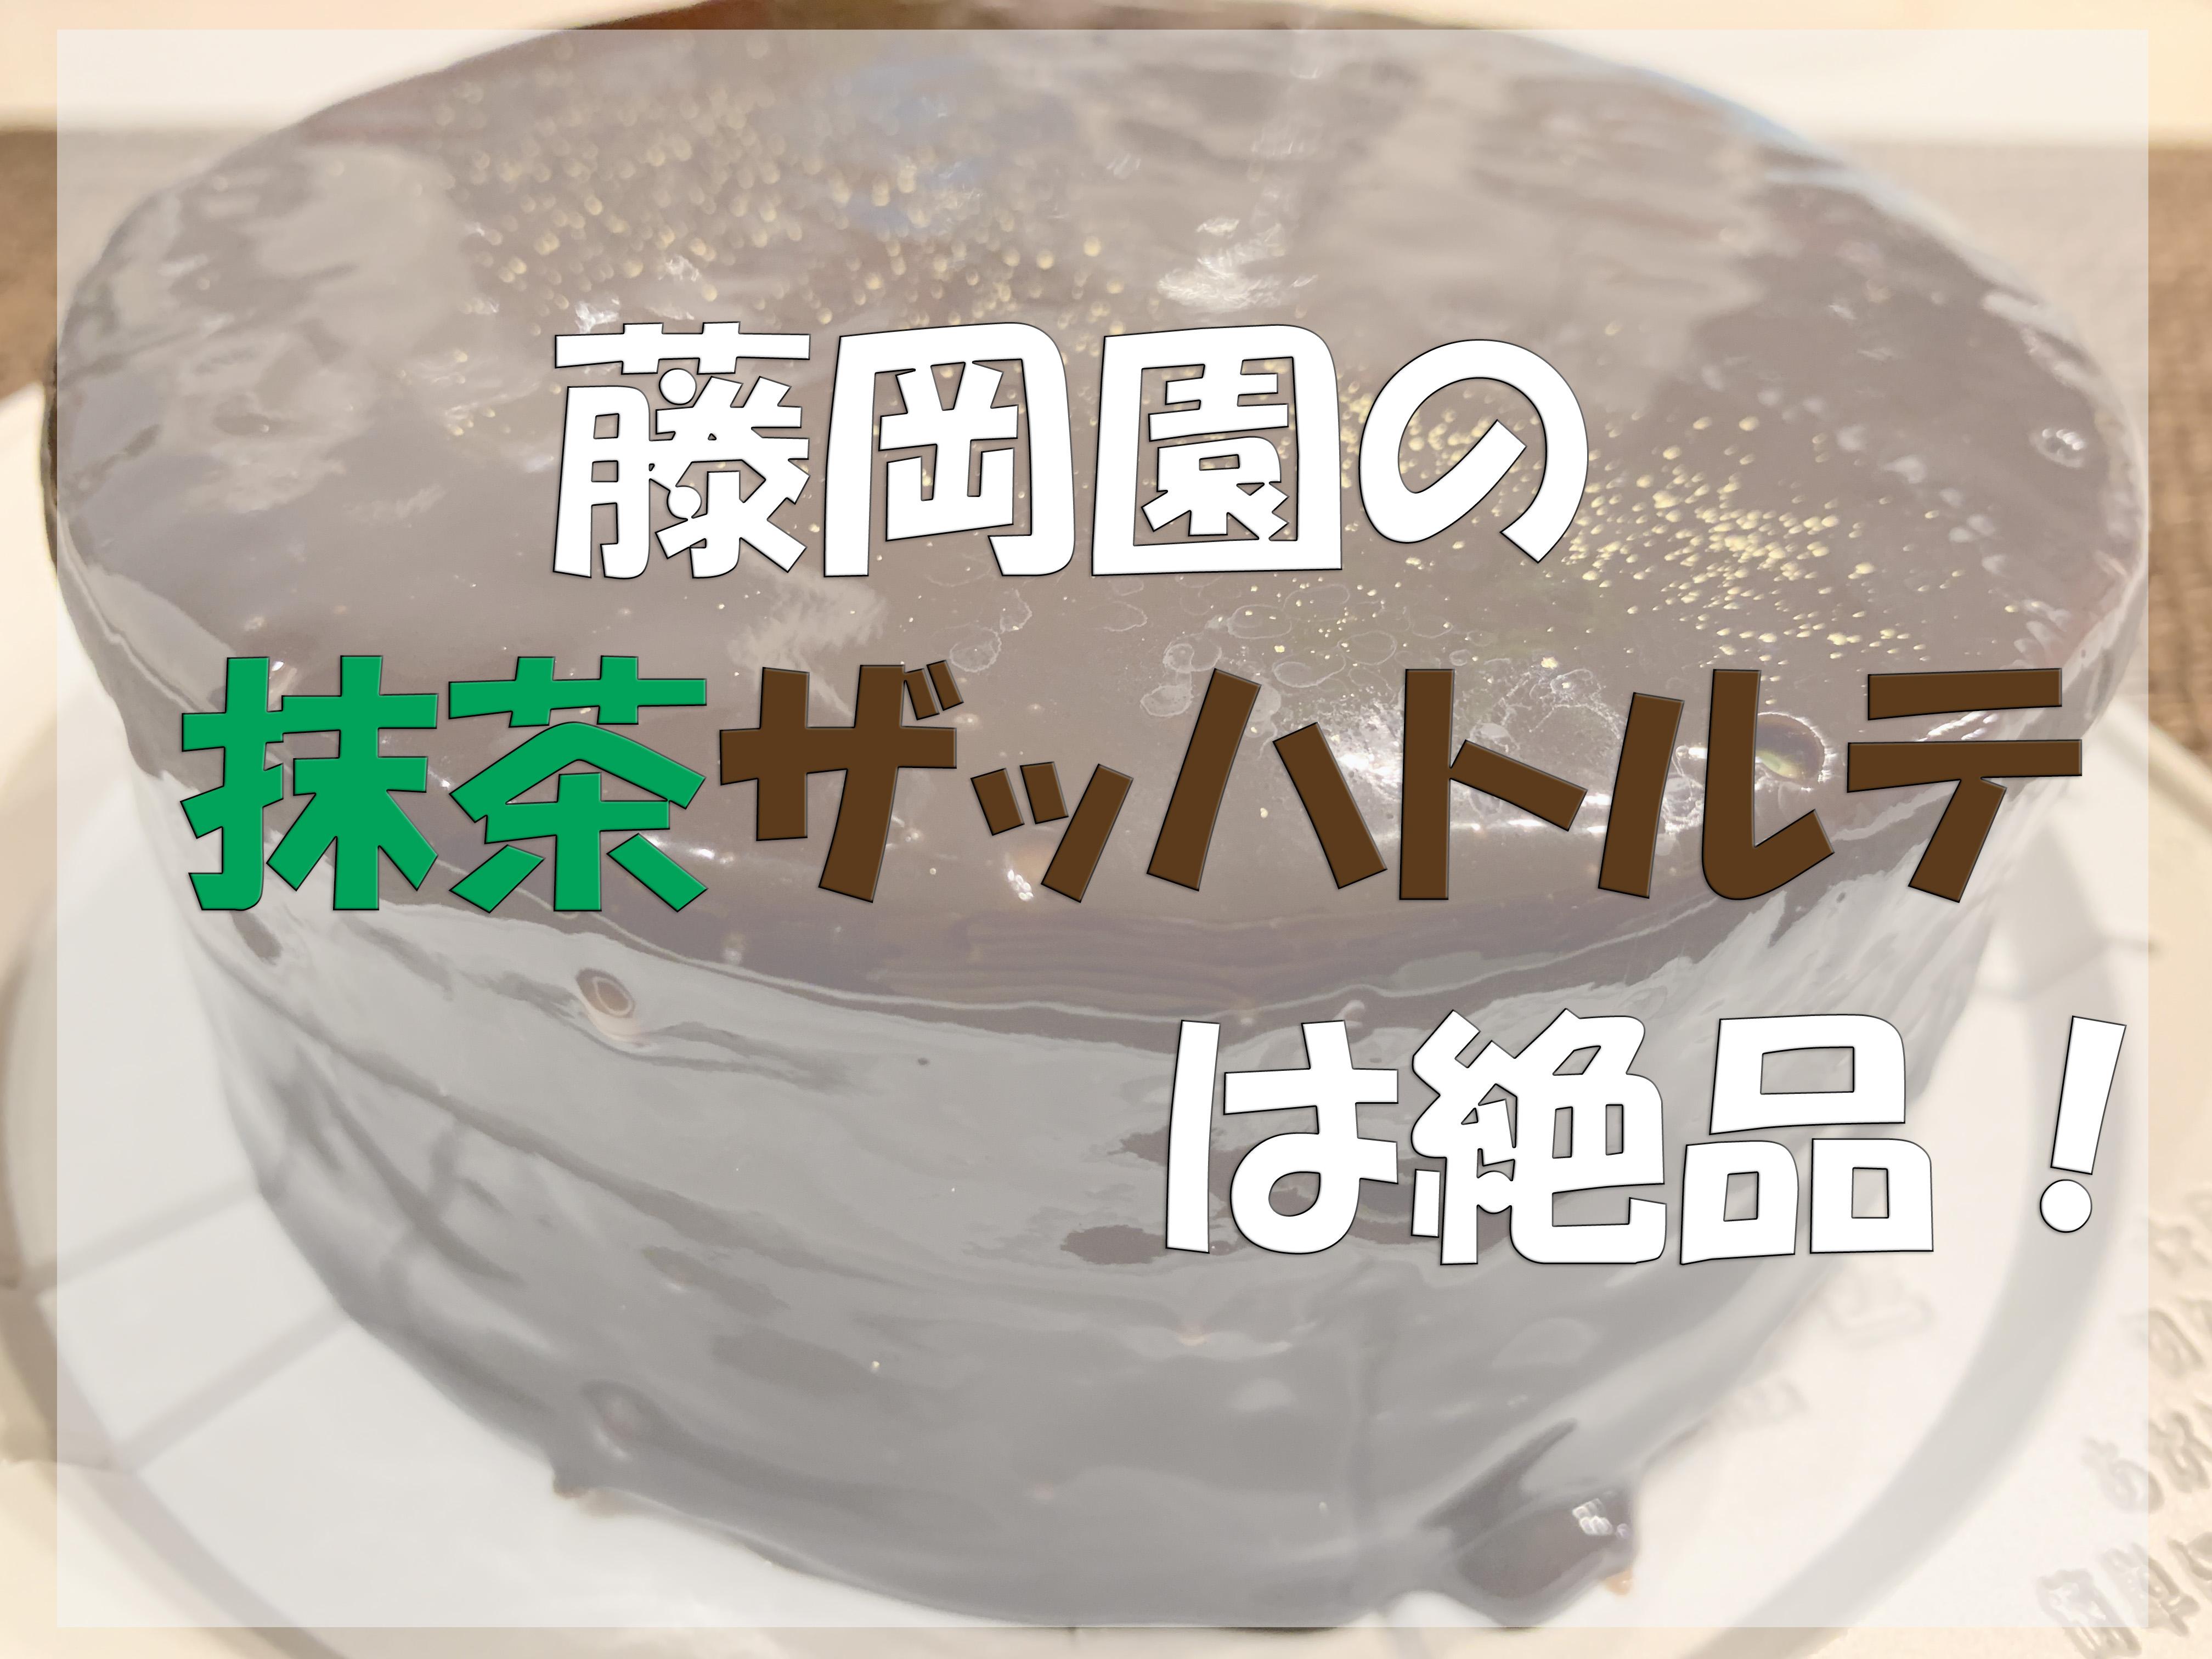 藤岡園の抹茶ザッハトルテ(抹茶チョコケーキ)は絶品だった!